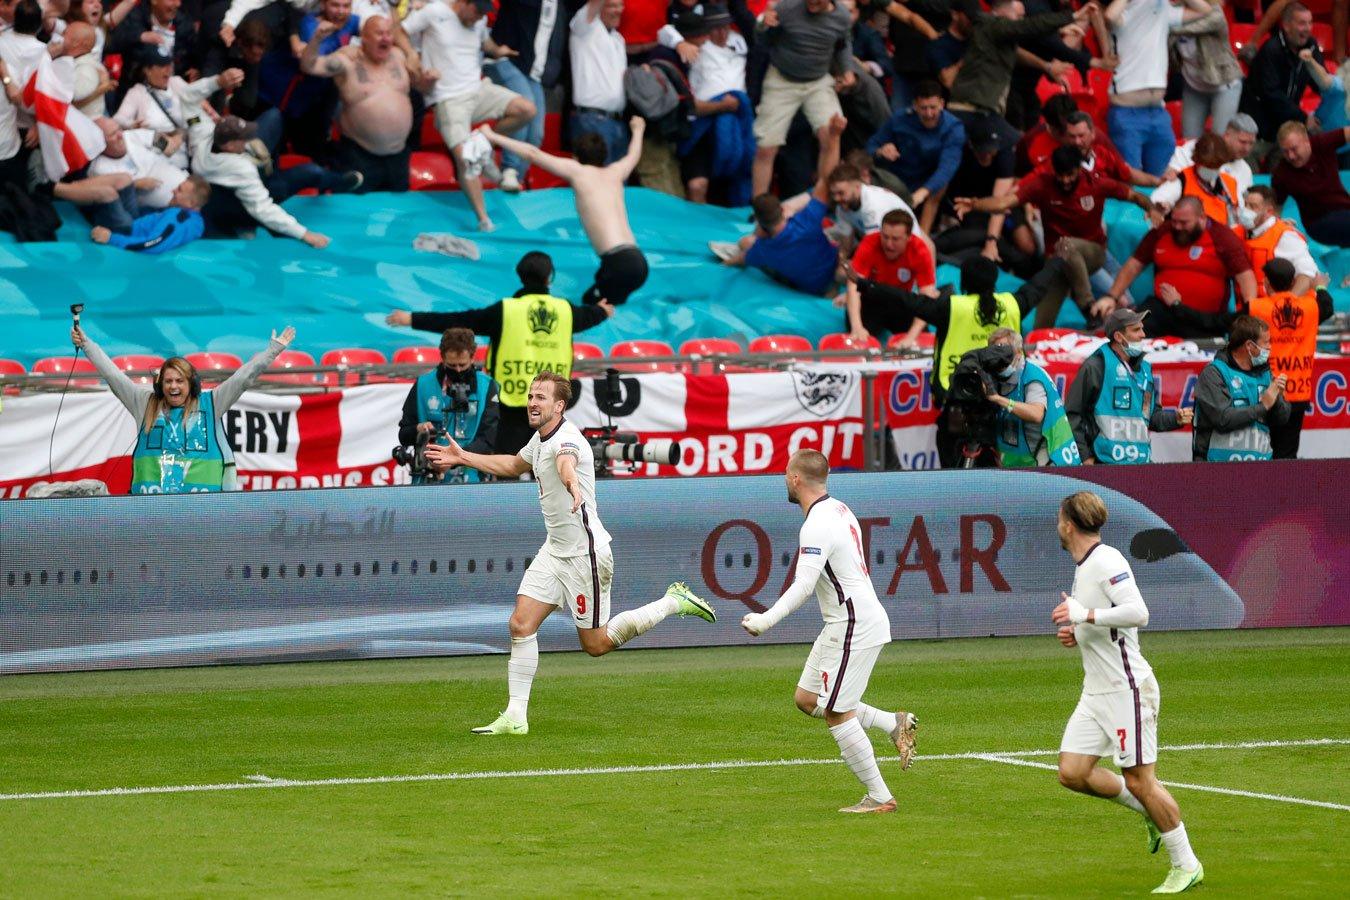 Сборная Англии обыграла Германию и вышла в 1/4 финала Евро-2020